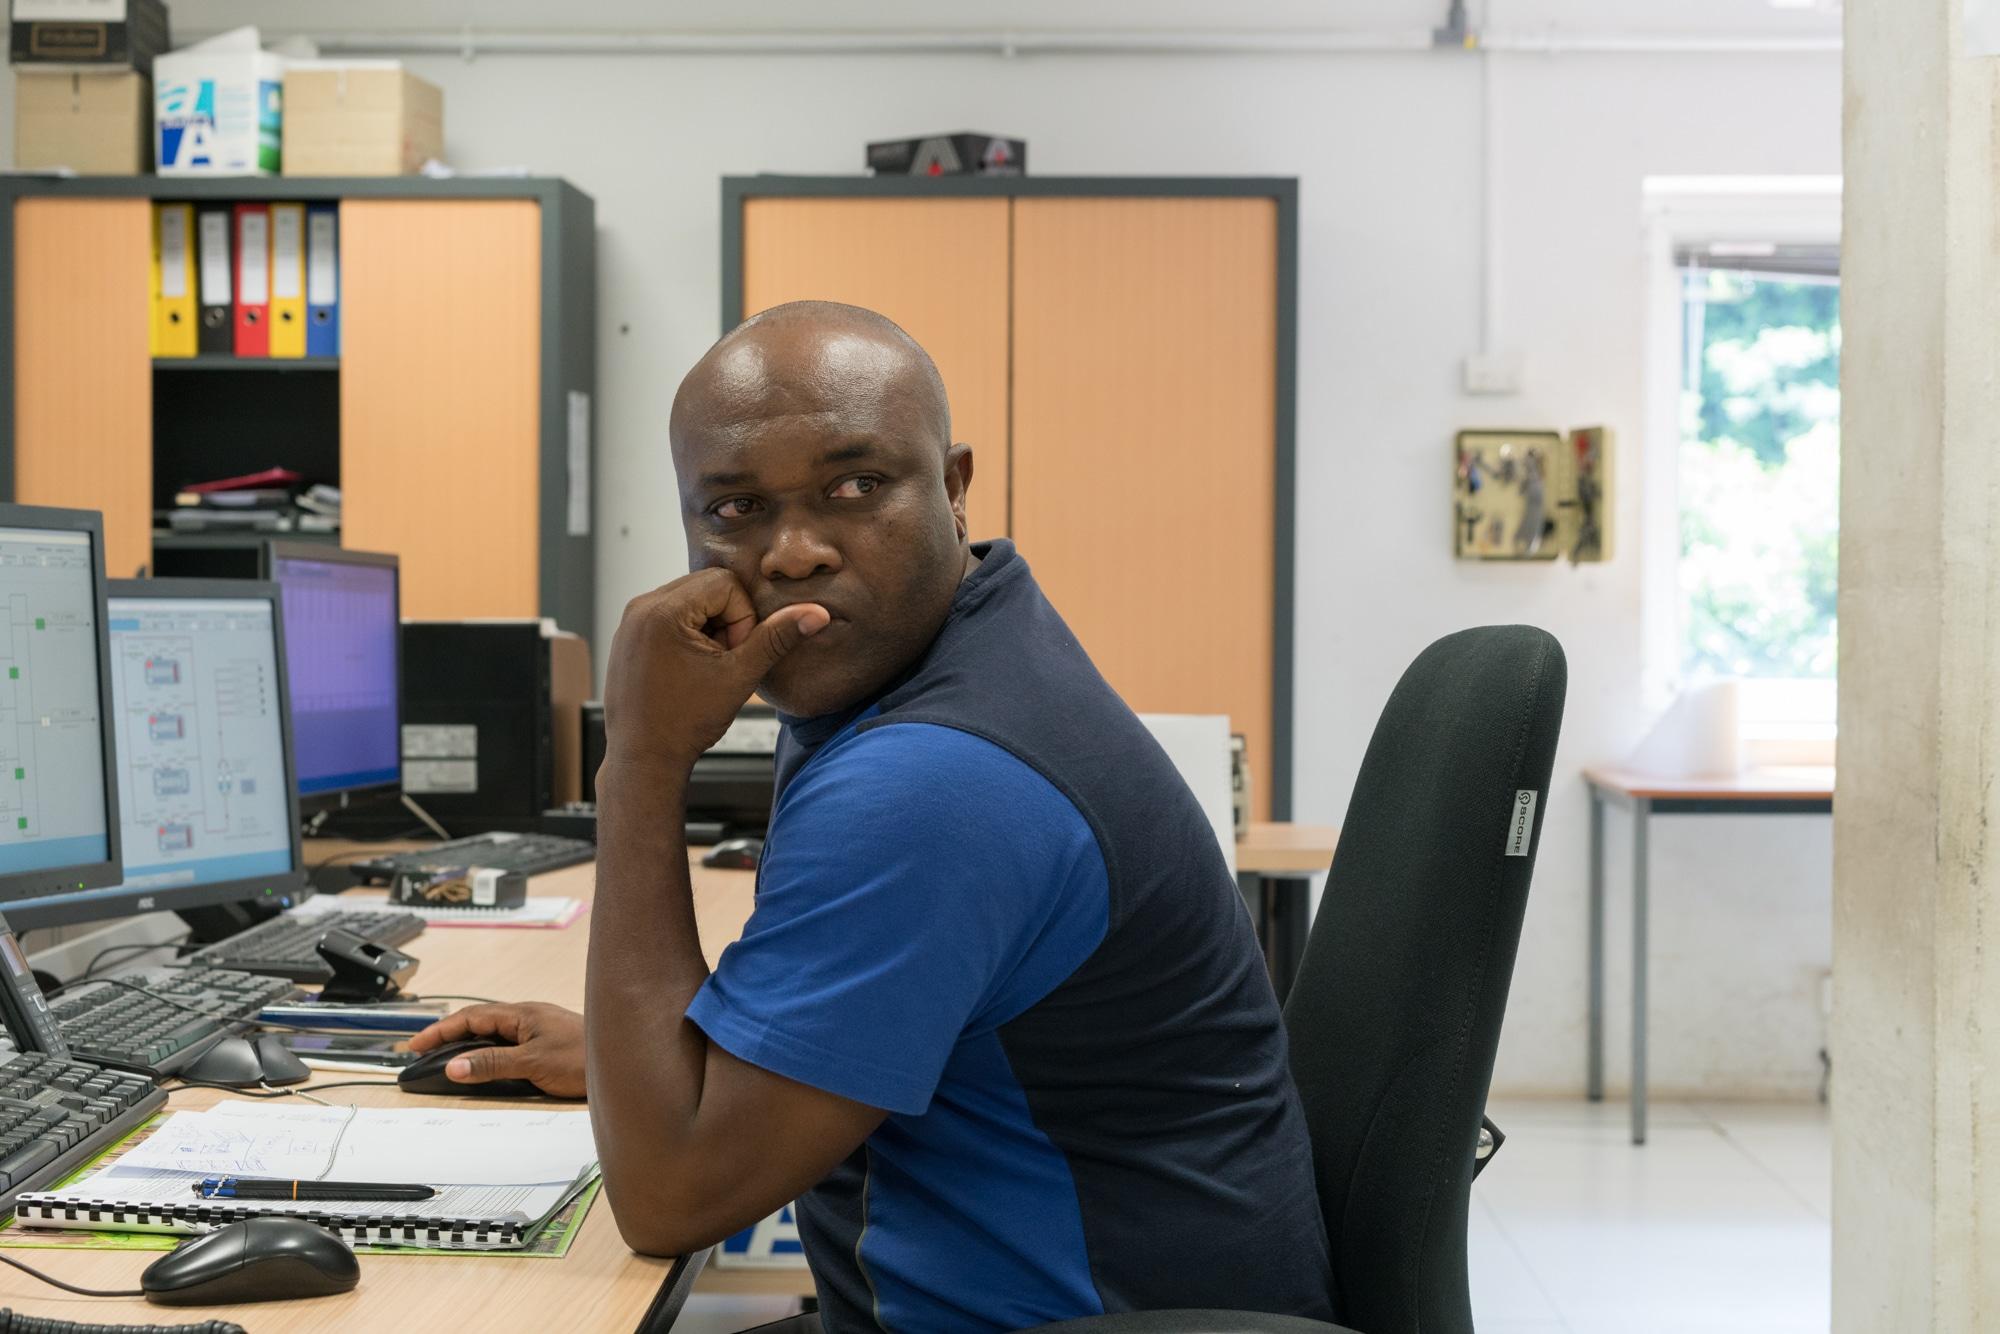 Soihibou, de profil, assis à son bureau, est appuyé sur sa main gauche et regarde vers la gauche.